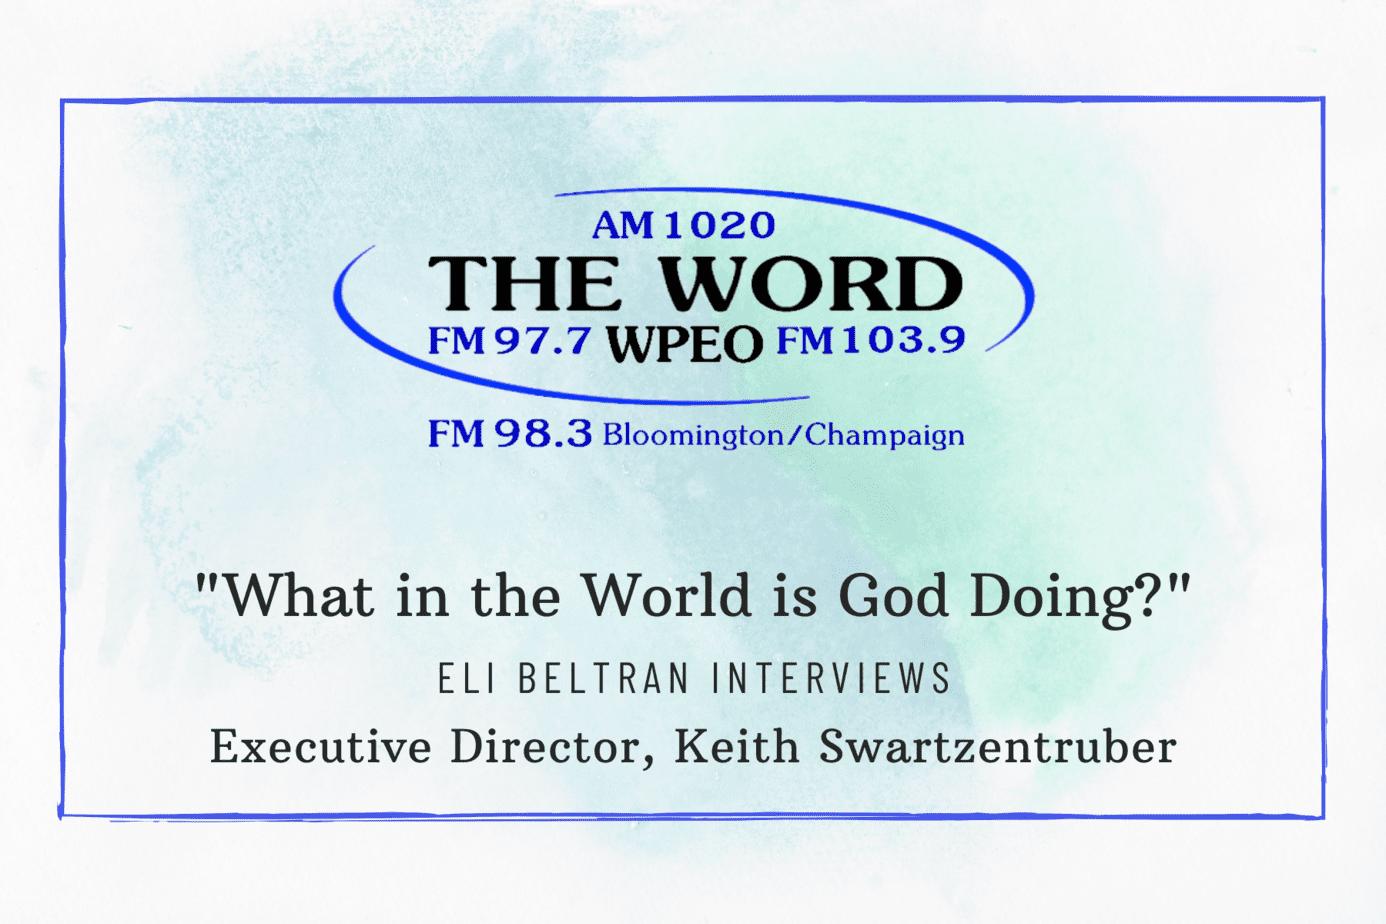 Listen Now: Keith Swartzentruber Interviewed on WPEO Radio